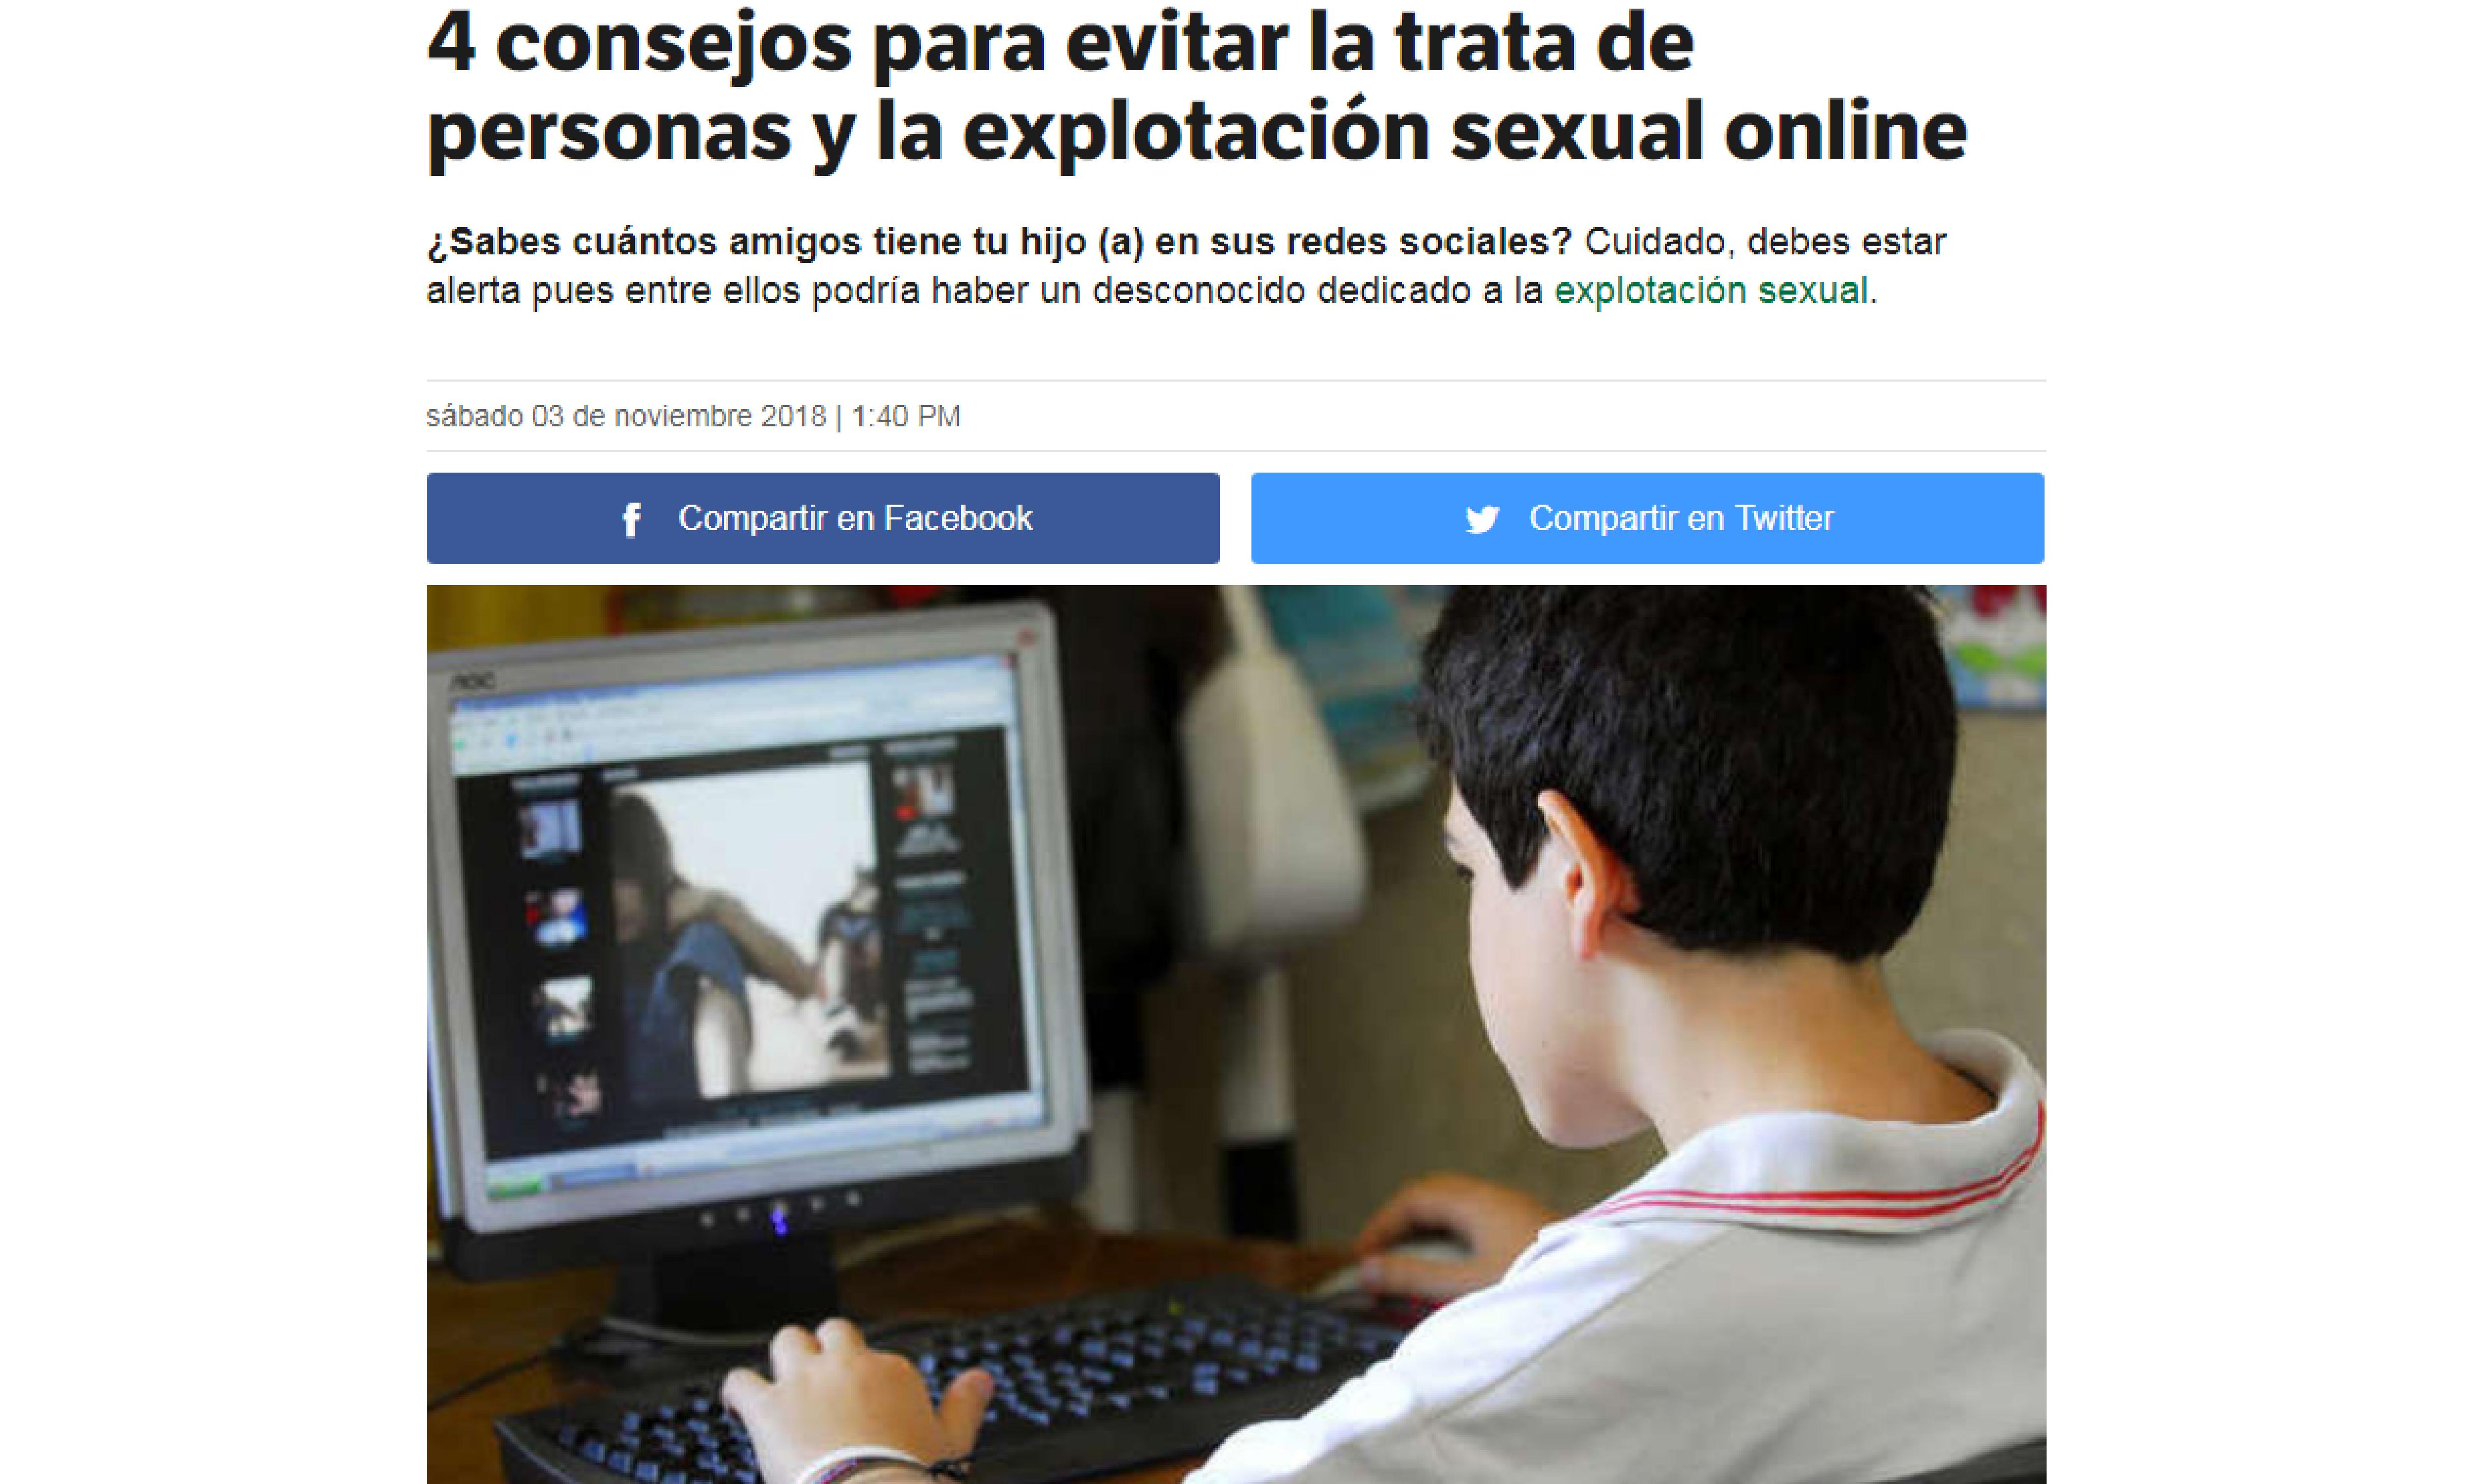 Capital: 4 consejos para evitar la trata de personas y la explotación sexual online